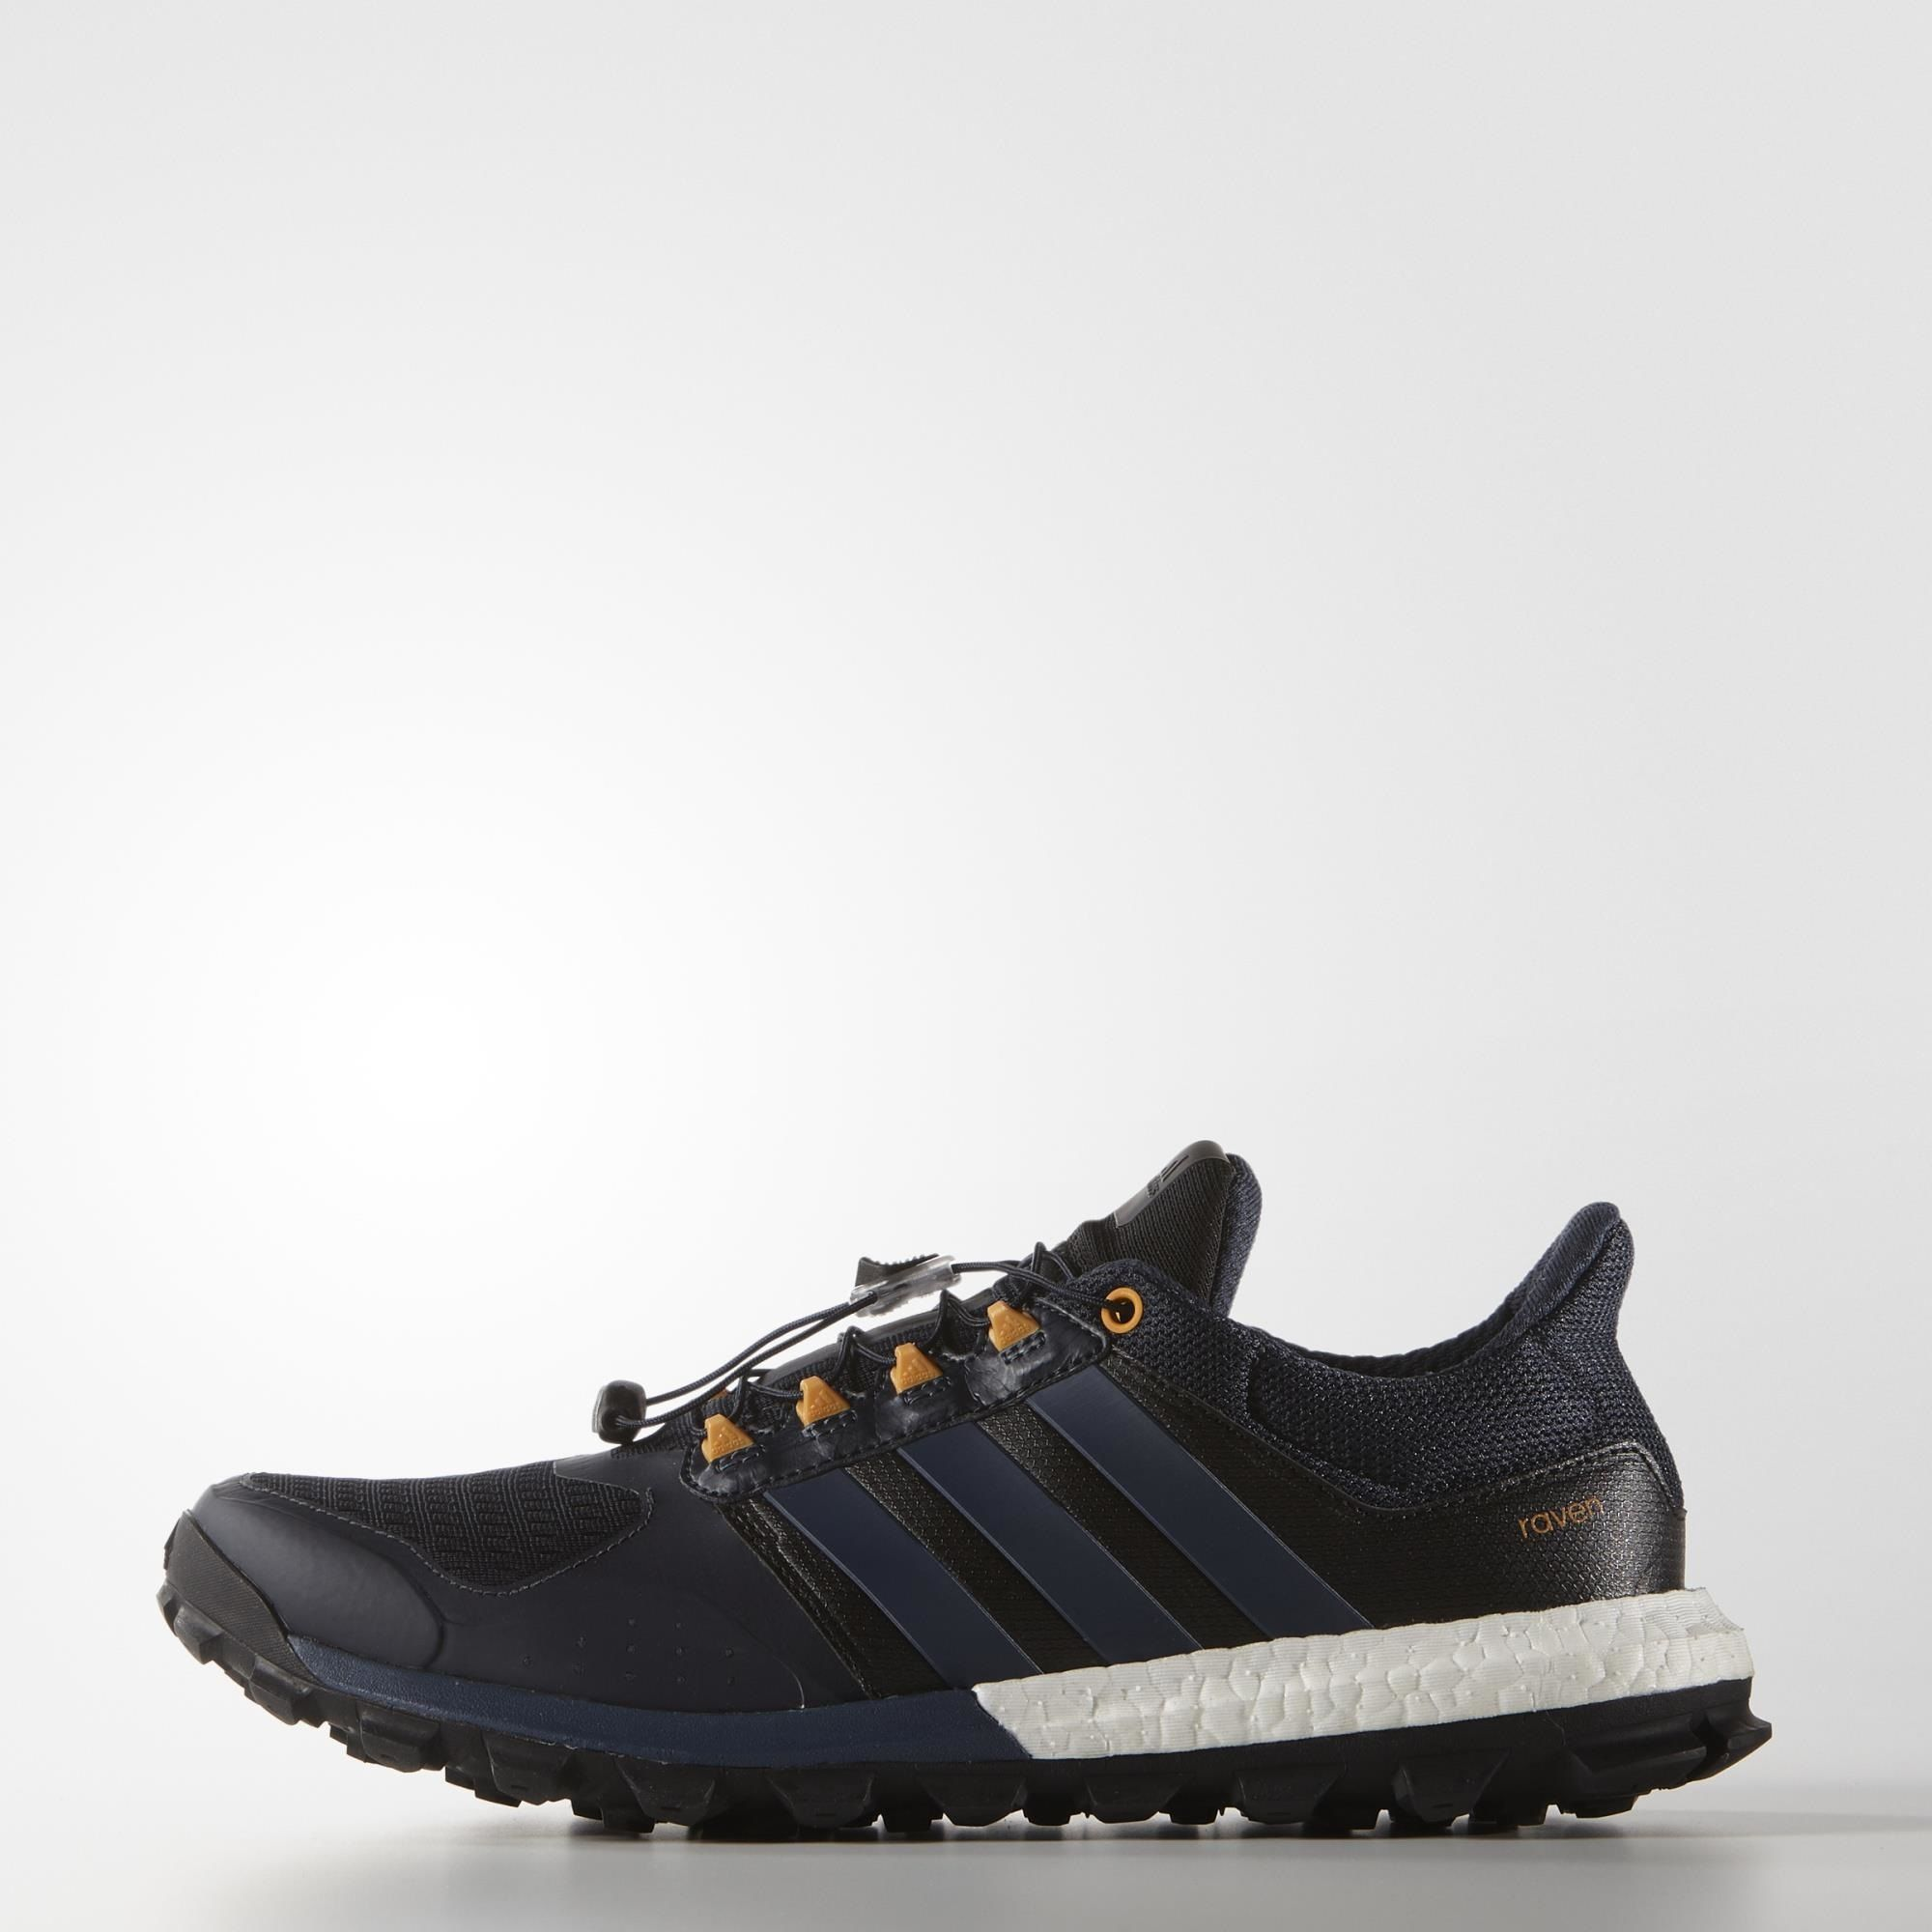 31c28b44654 Du kan besejre terrænet i denne sko til mænd. Den neutrale løbesko har en  solid